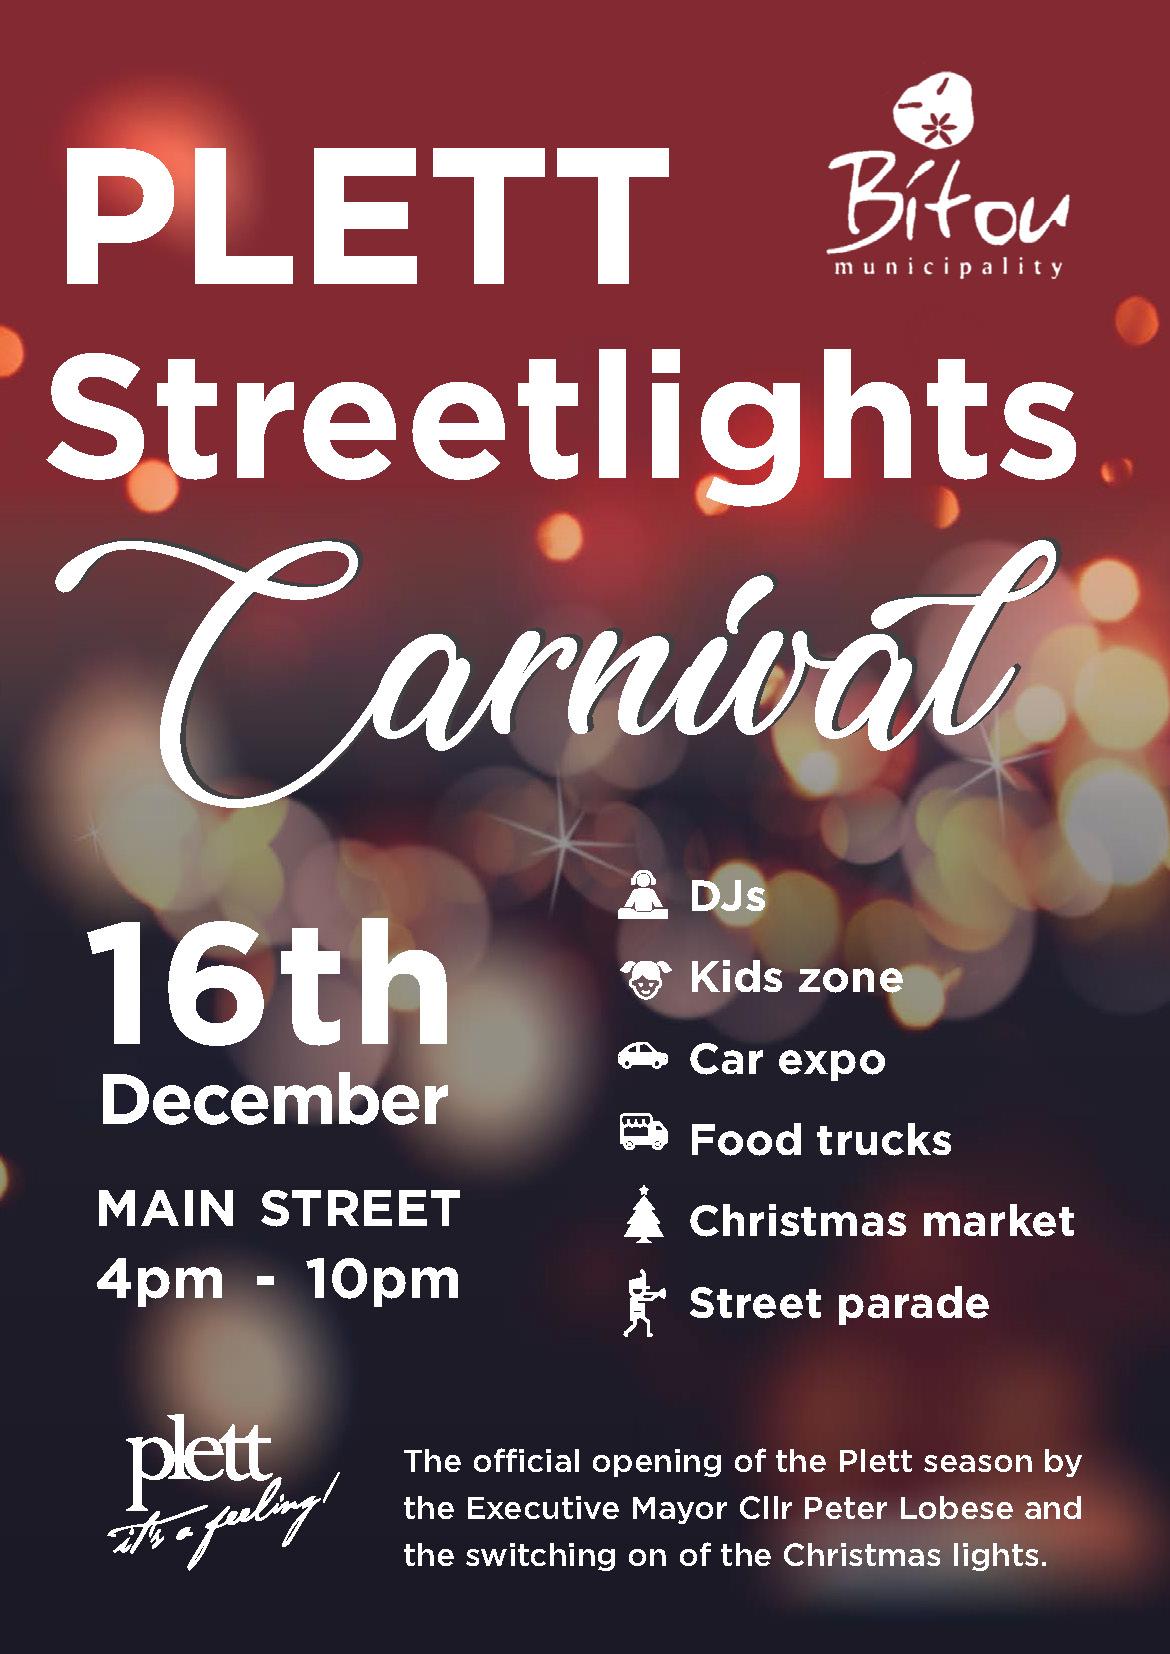 Plett Streetlights Carnival